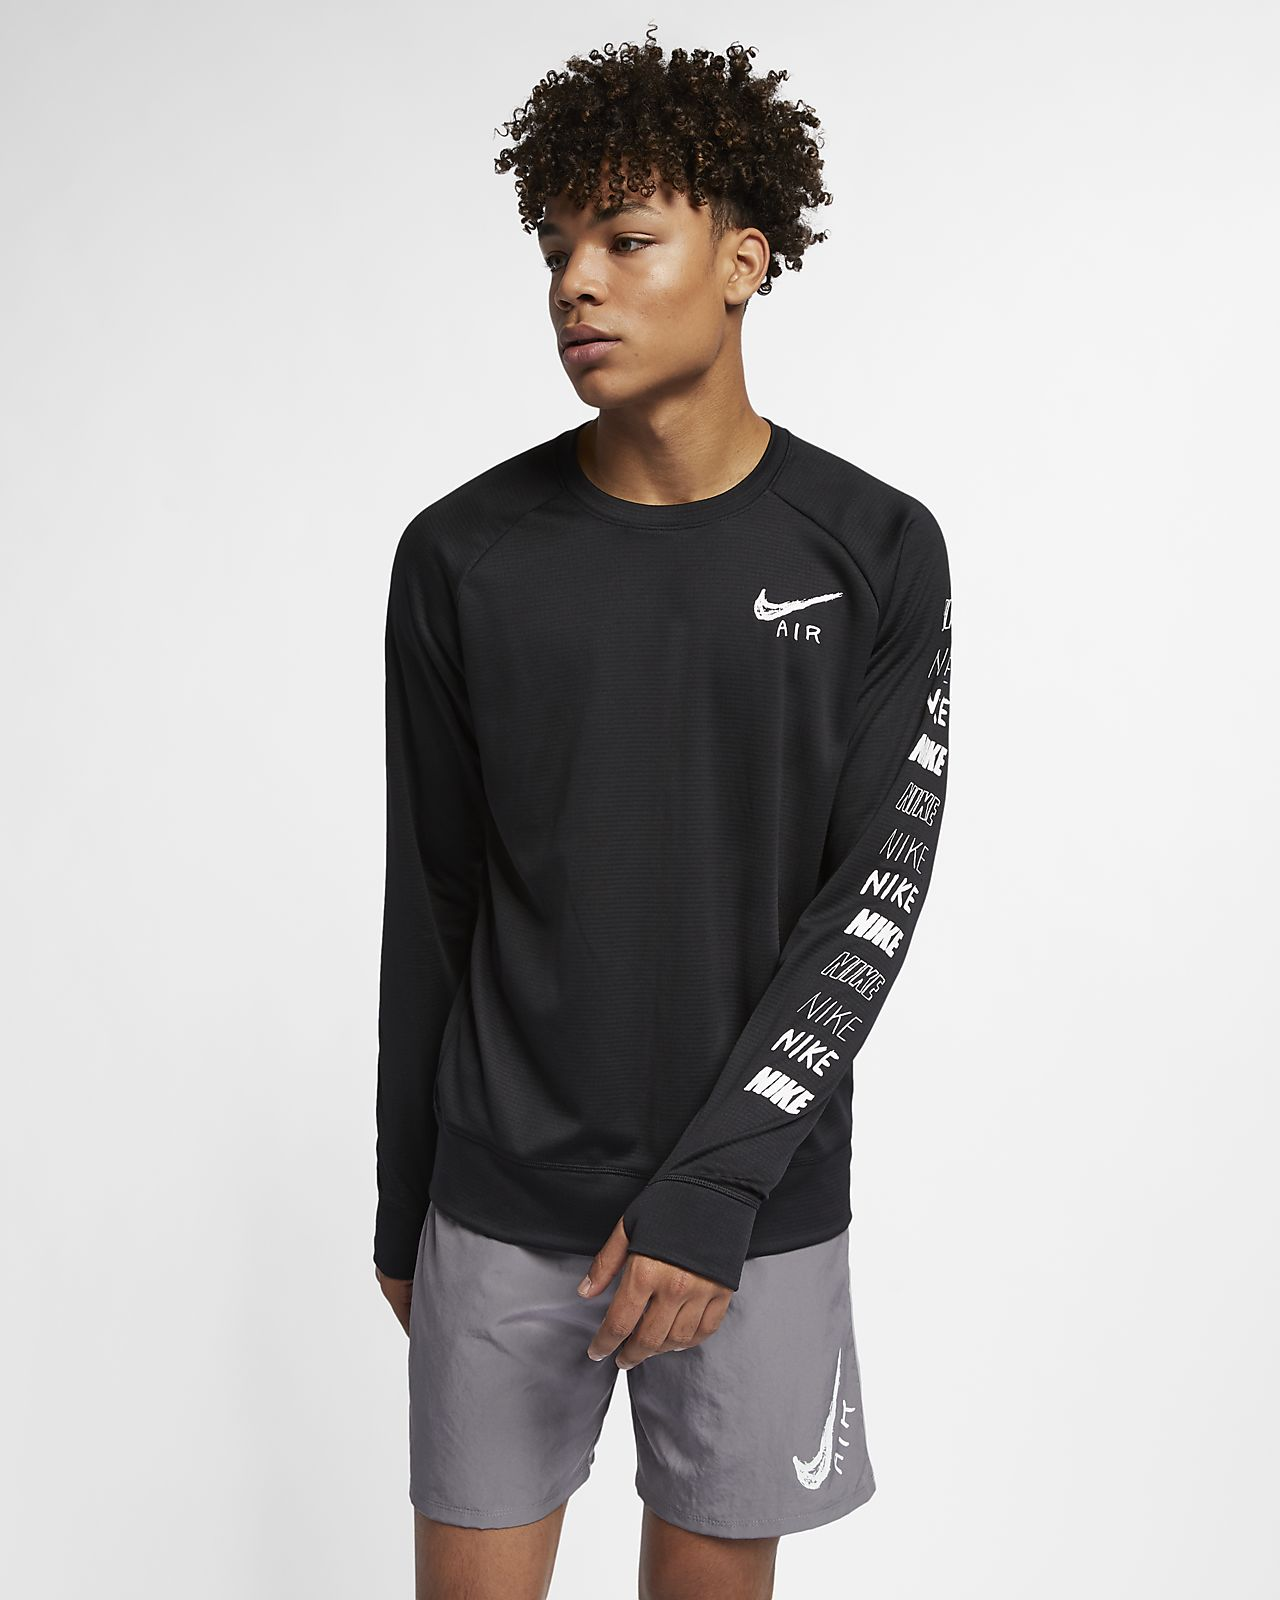 Nike Pacer Erkek Koşu Üstü